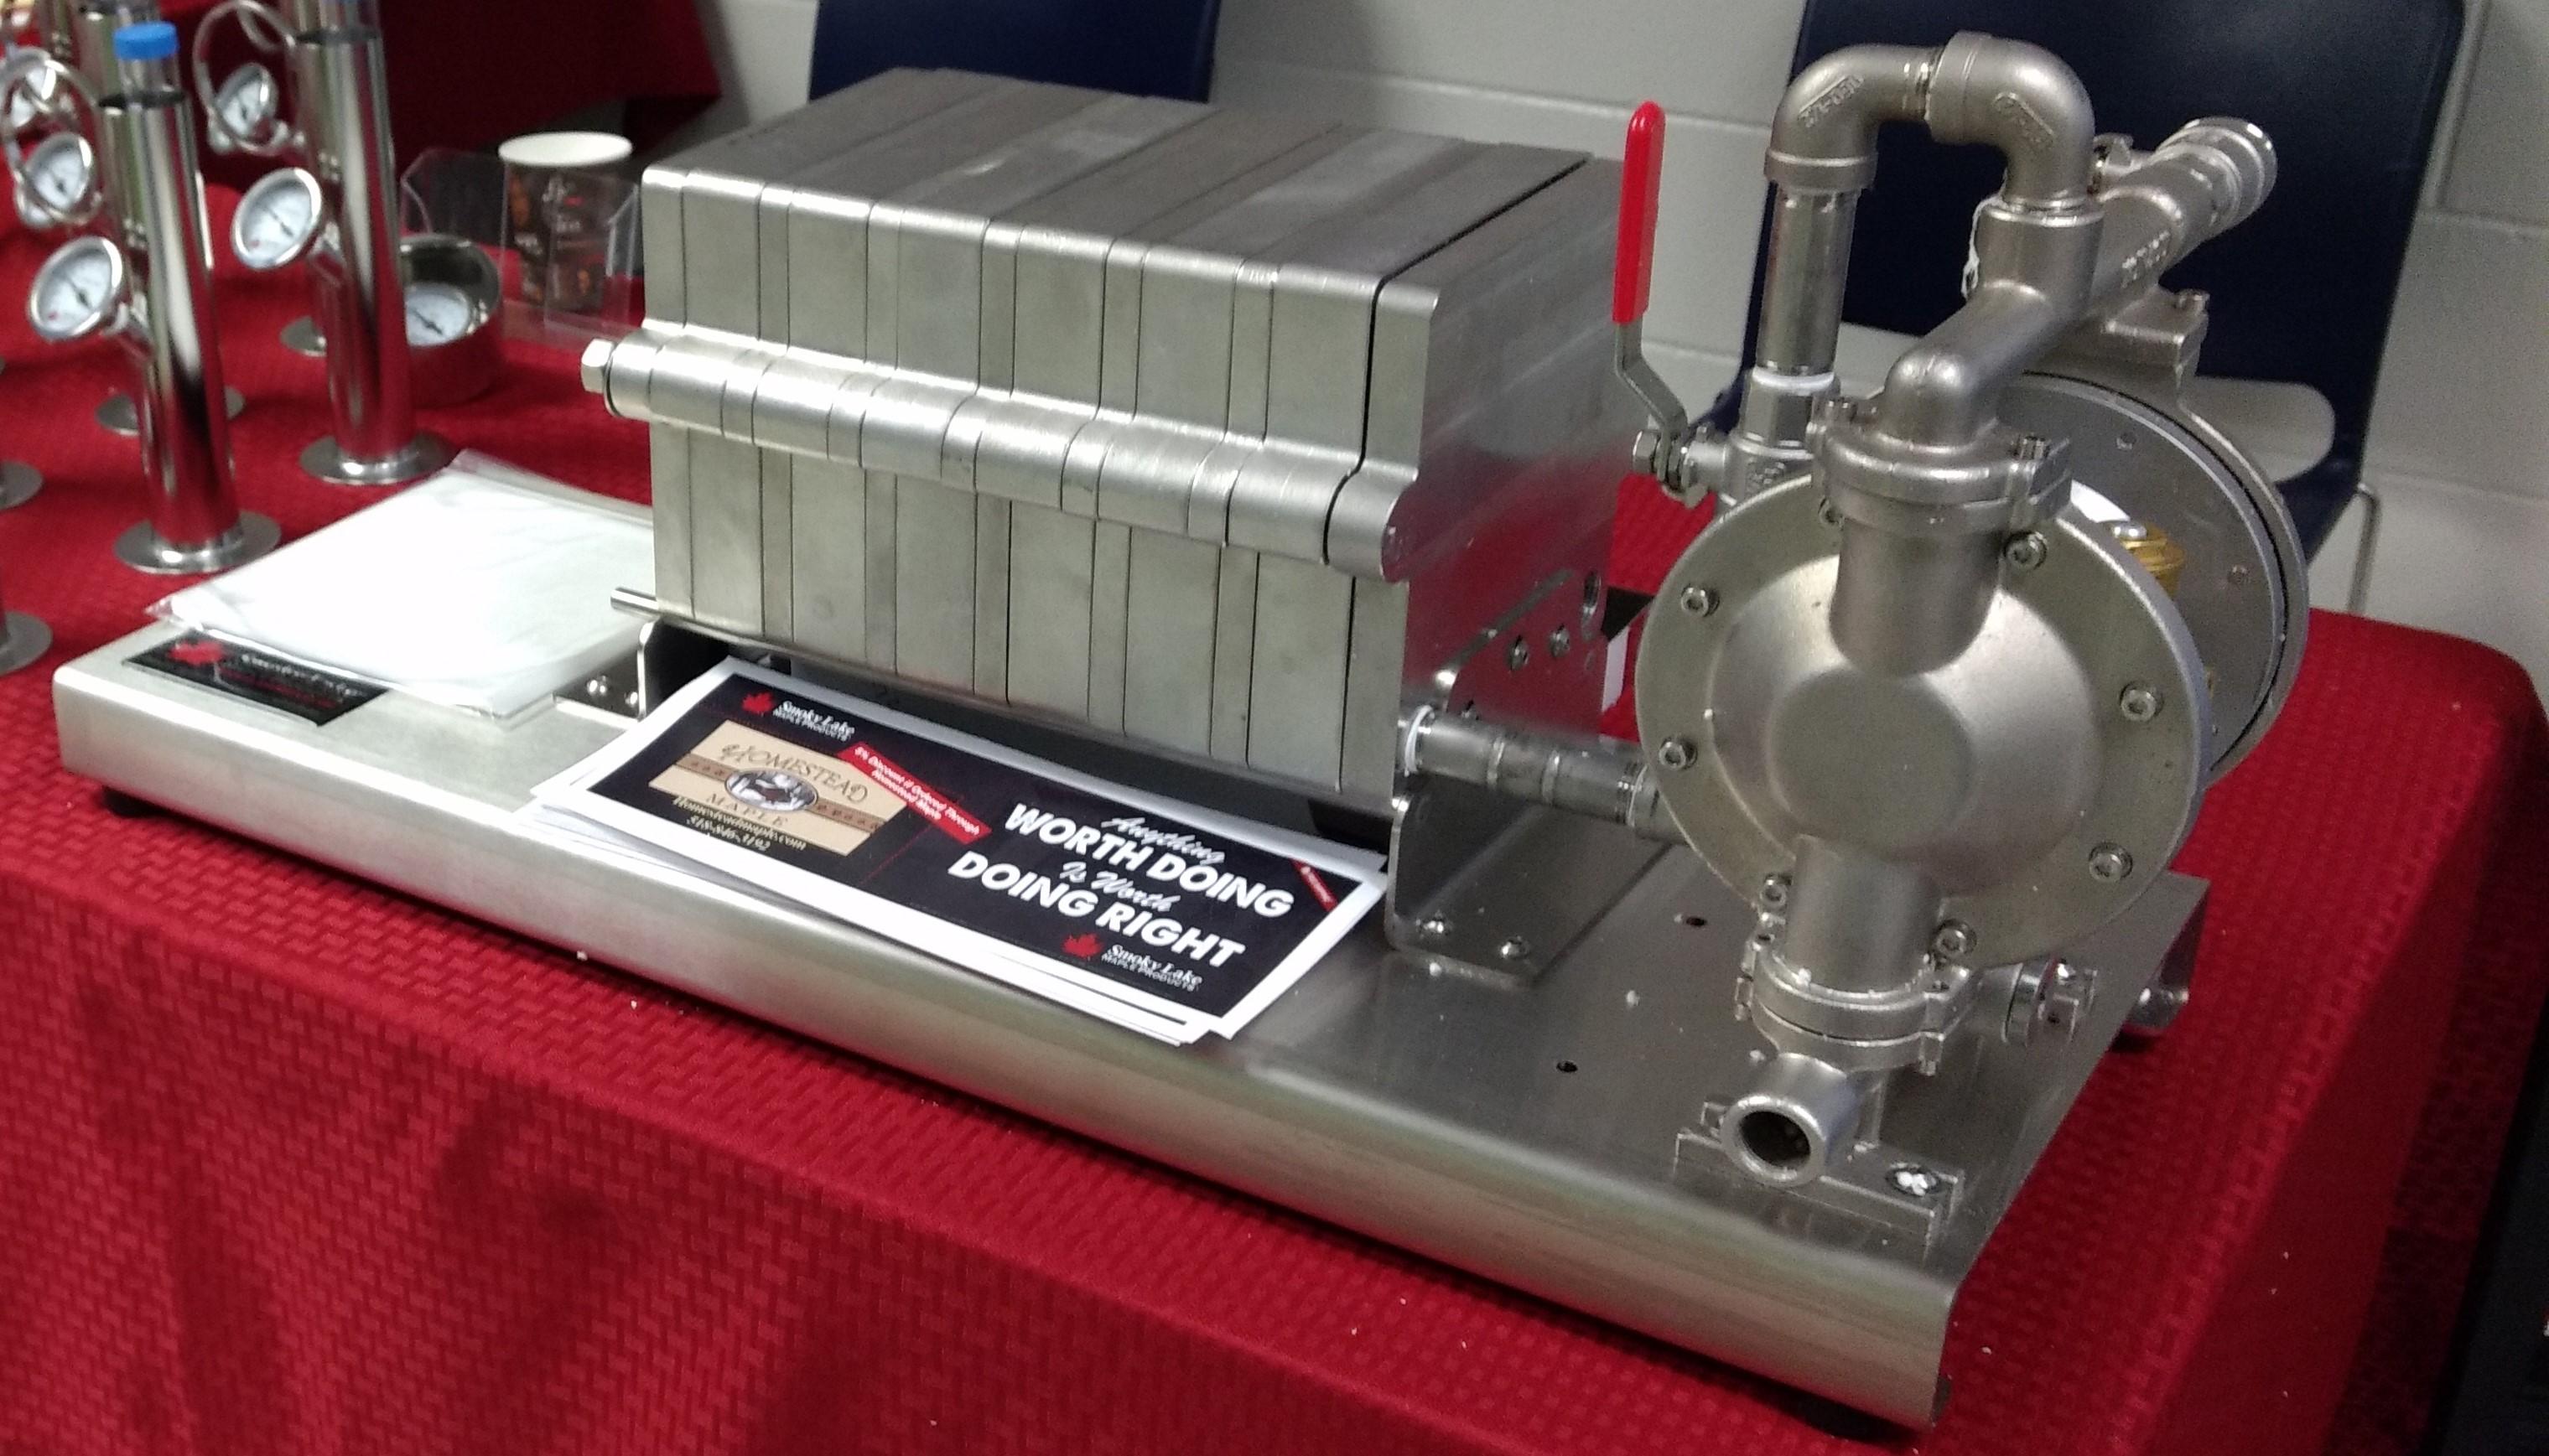 SL filter press